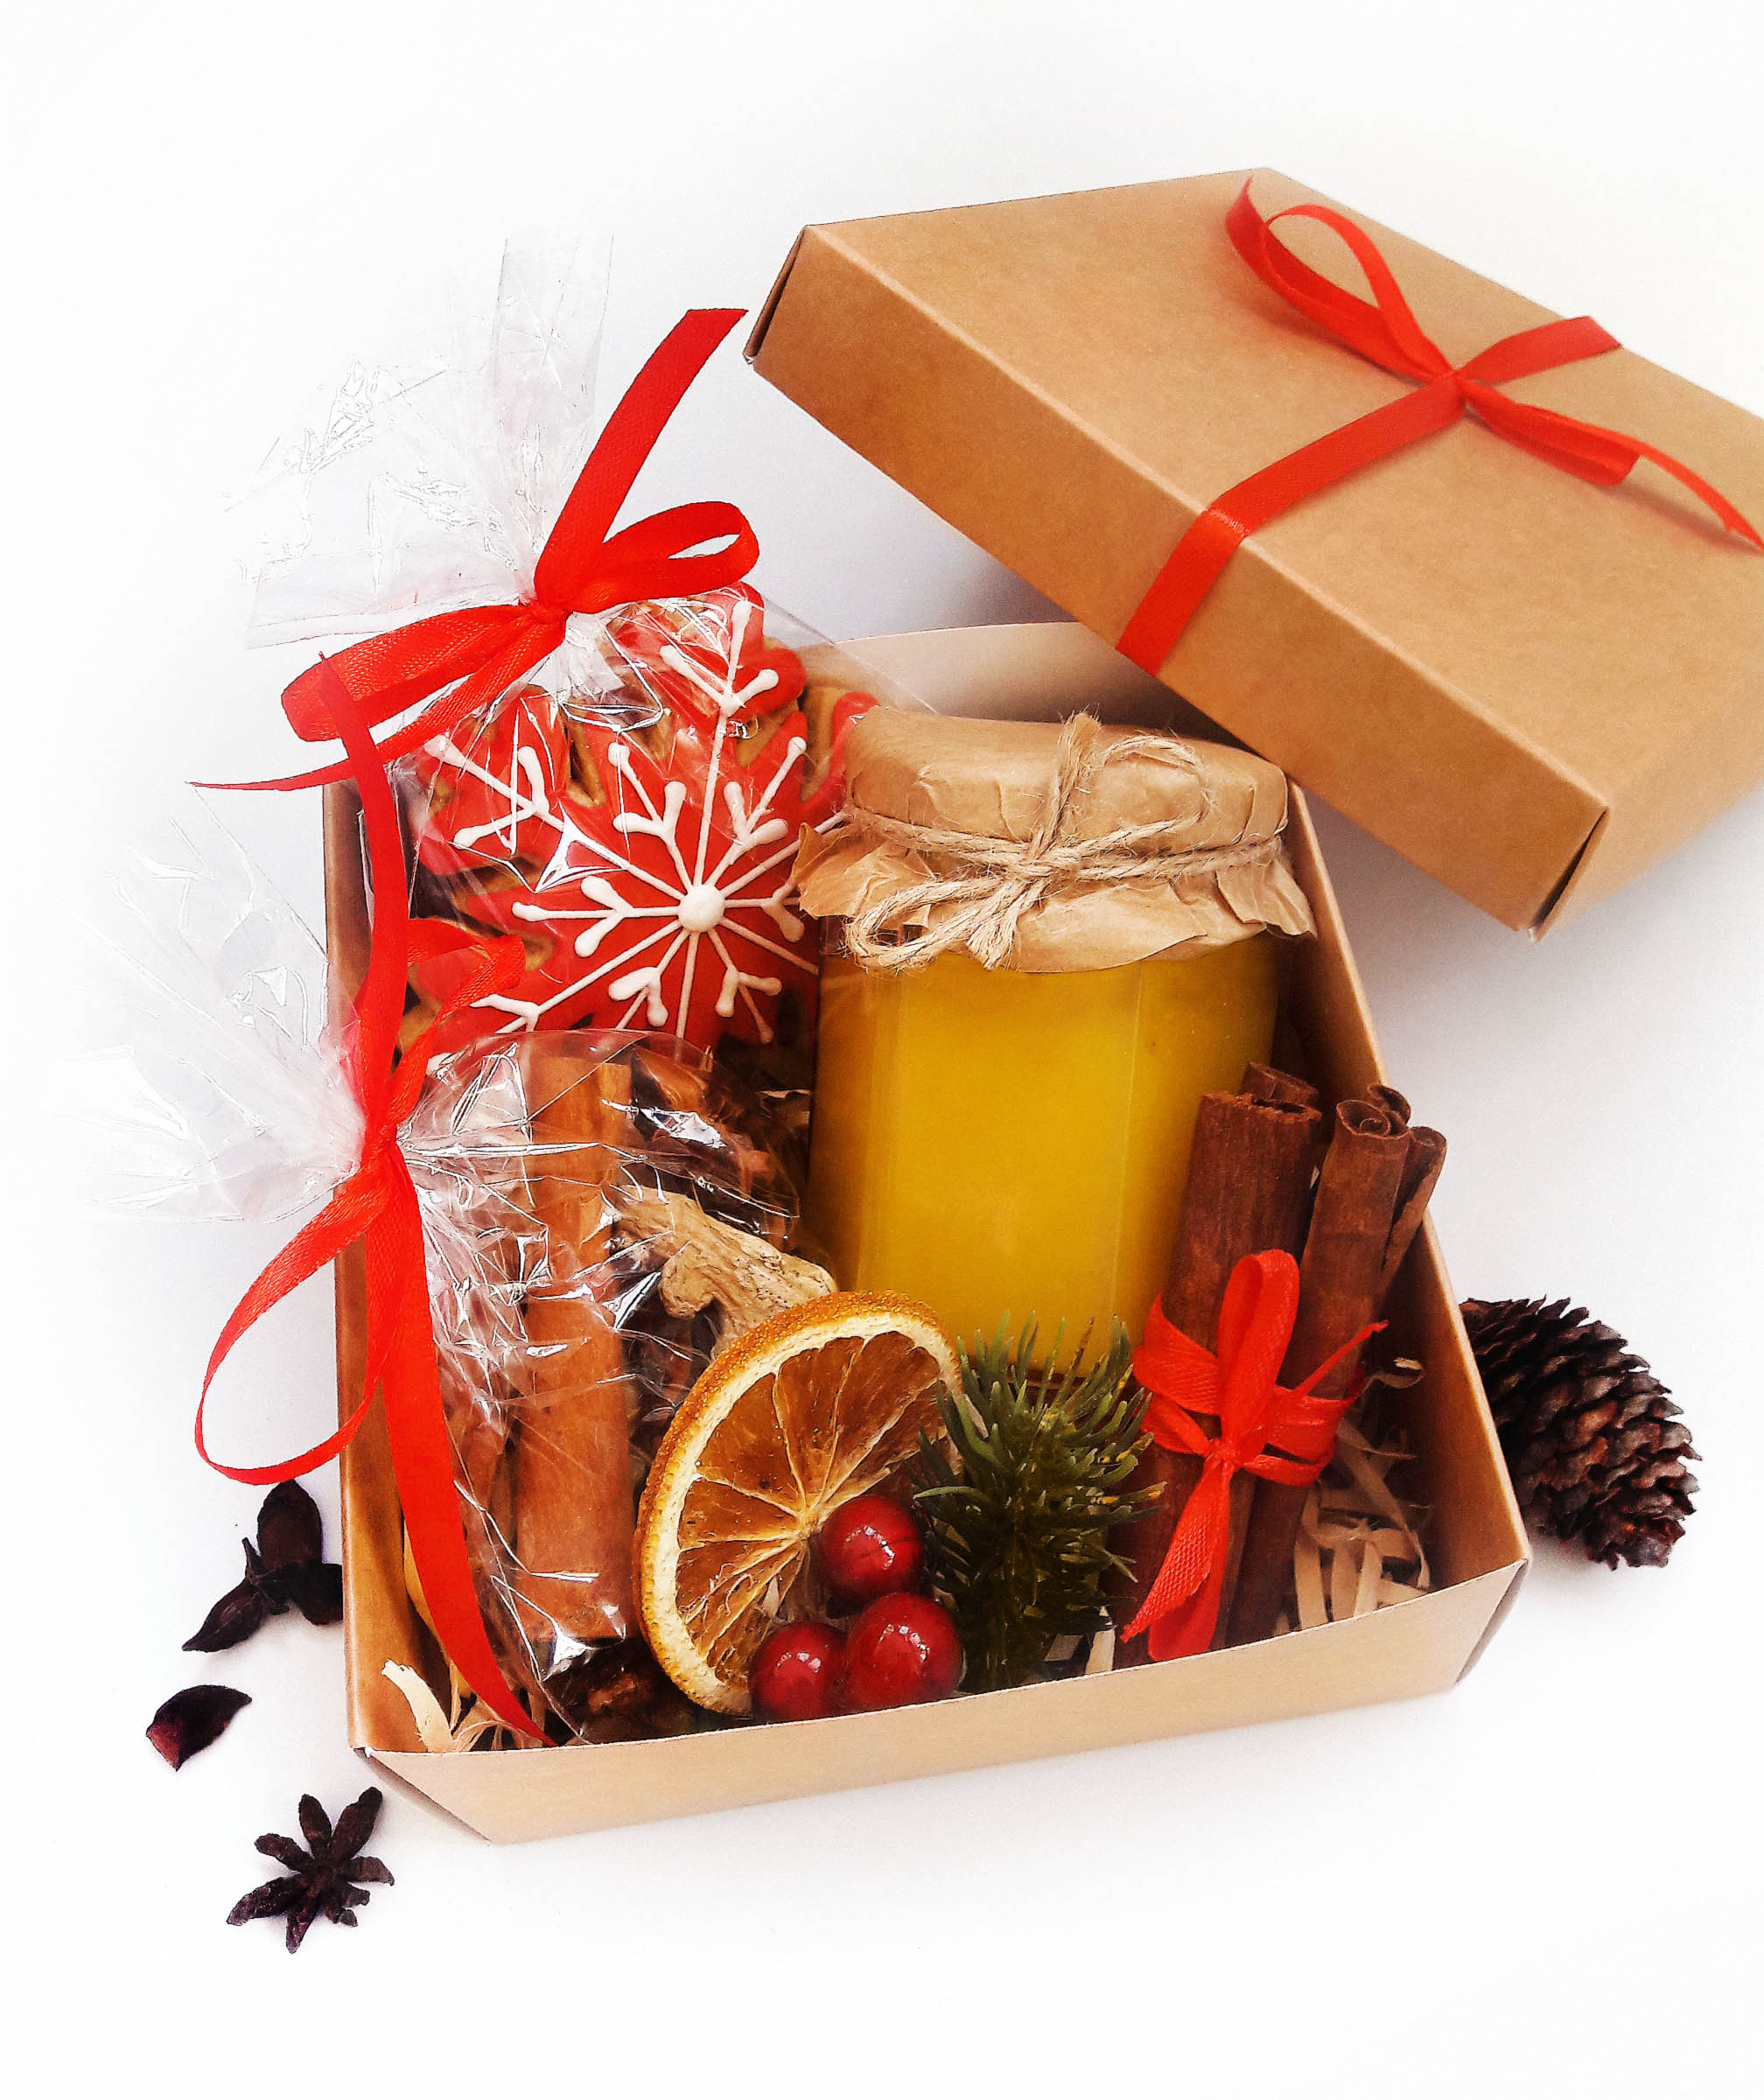 Смесь для глинтвейна своими руками: 16 идей для новогоднего подарка